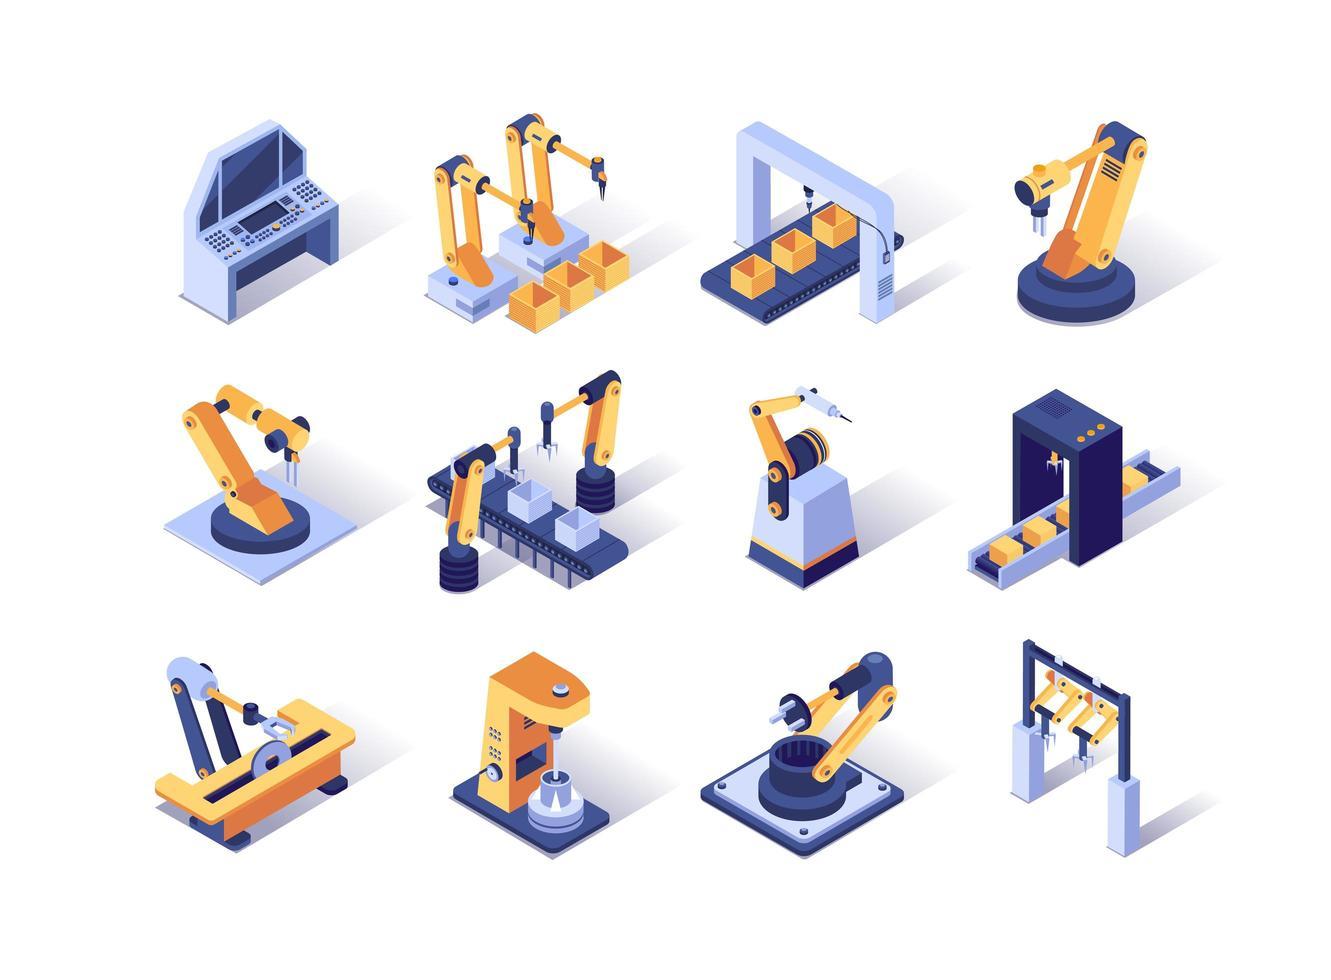 conjunto de iconos isométricos de la industria de robotización vector